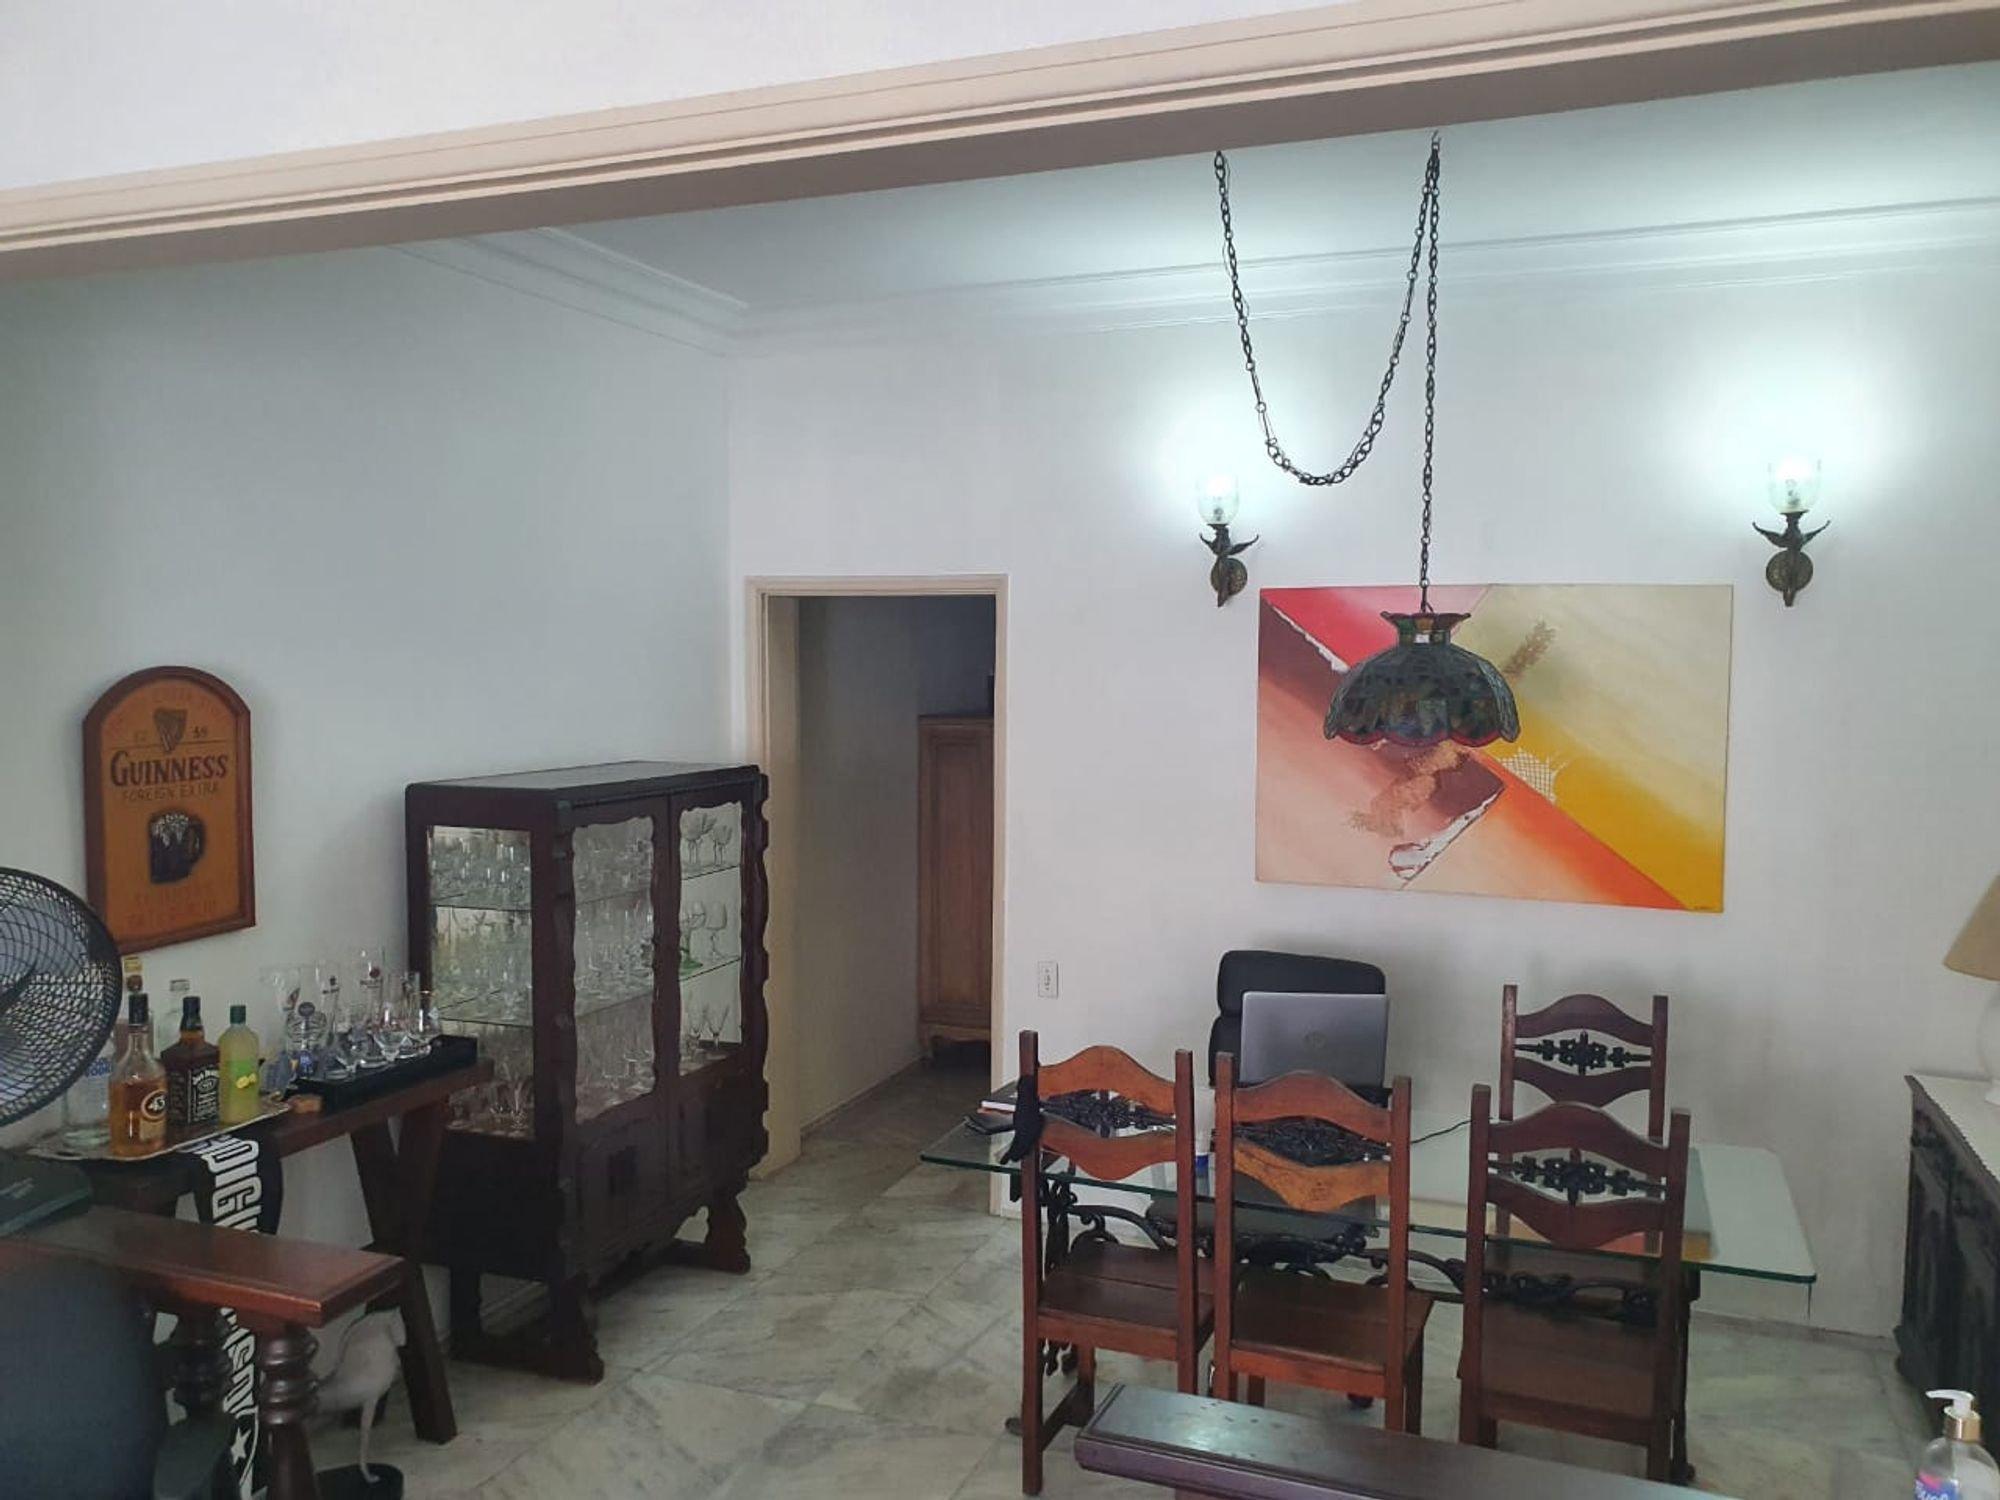 Foto de Sala com cama, copo de vinho, televisão, garrafa, cadeira